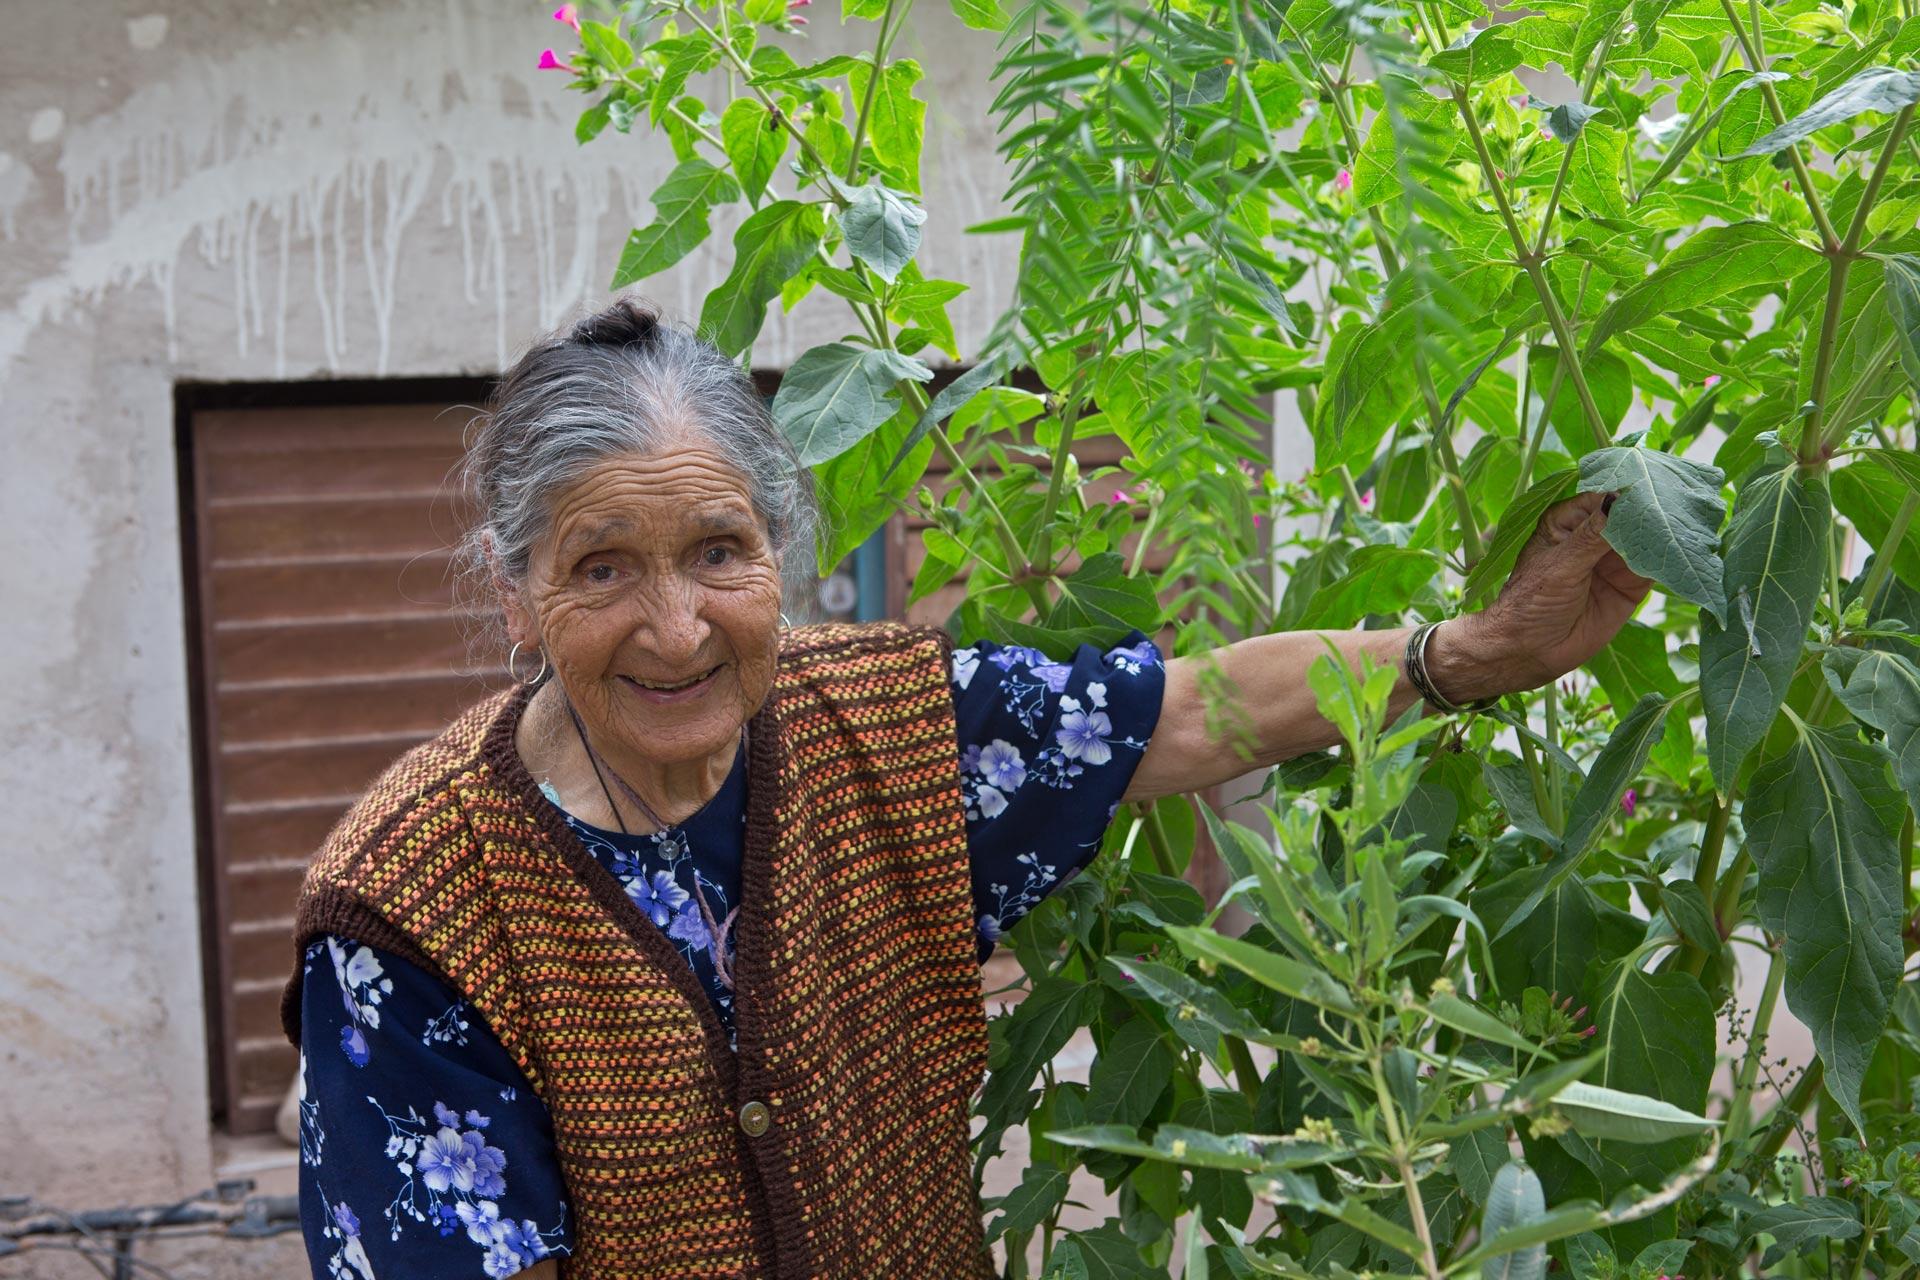 Doña Josefina, sanadora espiritual, coplera y tejedora en Maimara